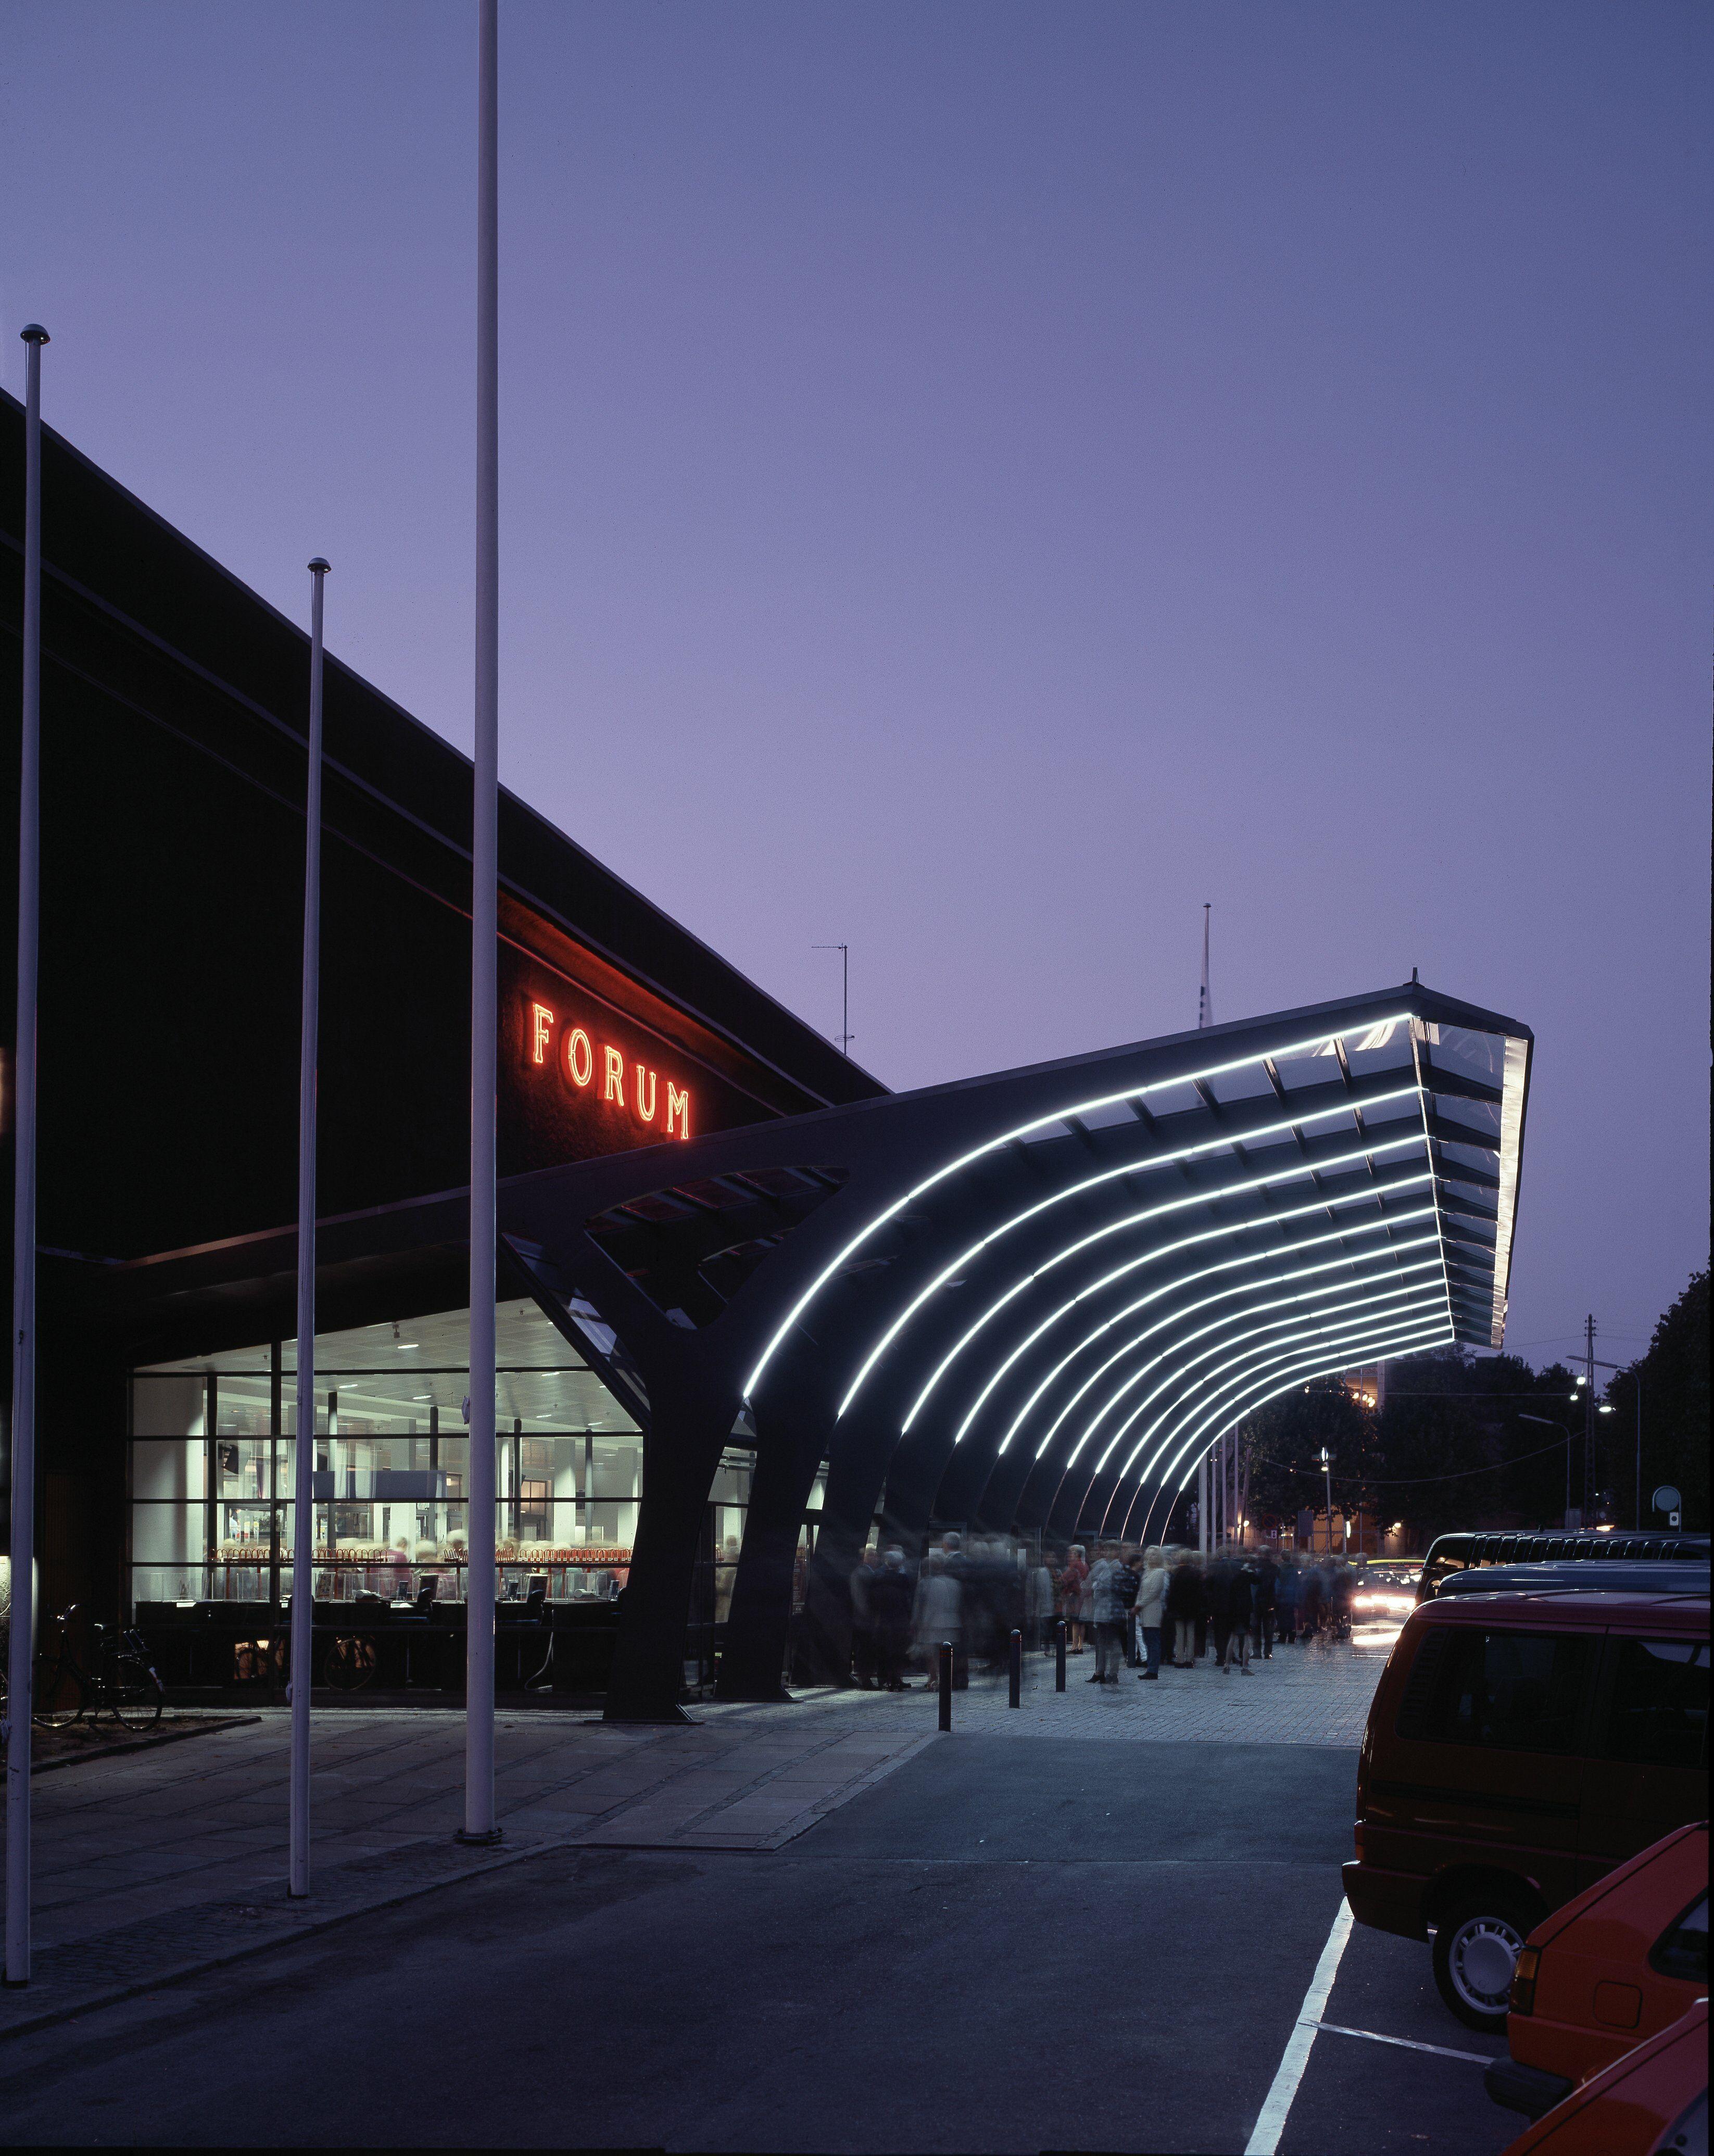 Planerne om at nedrive Forum Copenhagen er opgivet – i hvert fald de kommende fire år vil det fortsat være et stort udstillingscenter med mere i centrum af København. Arkivpressefoto.